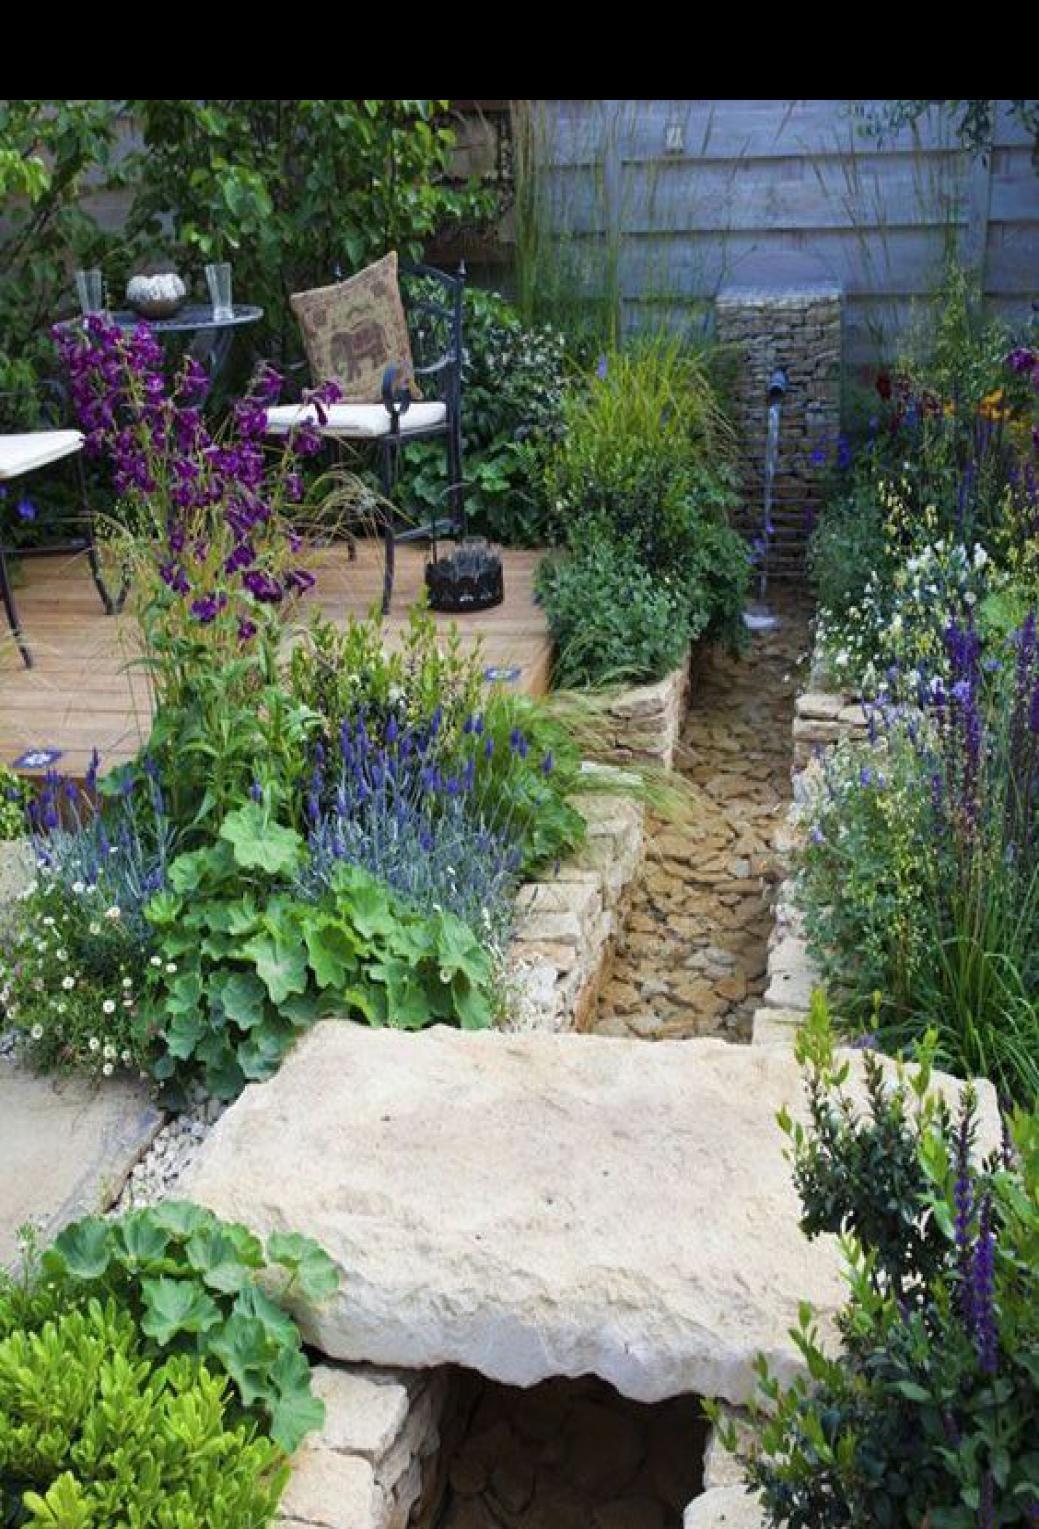 48 Cheap And Beautiful Diy Planters Ideas For Beautiful Garden In 2020 Backyard Landscaping Beautiful Gardens Natural Garden